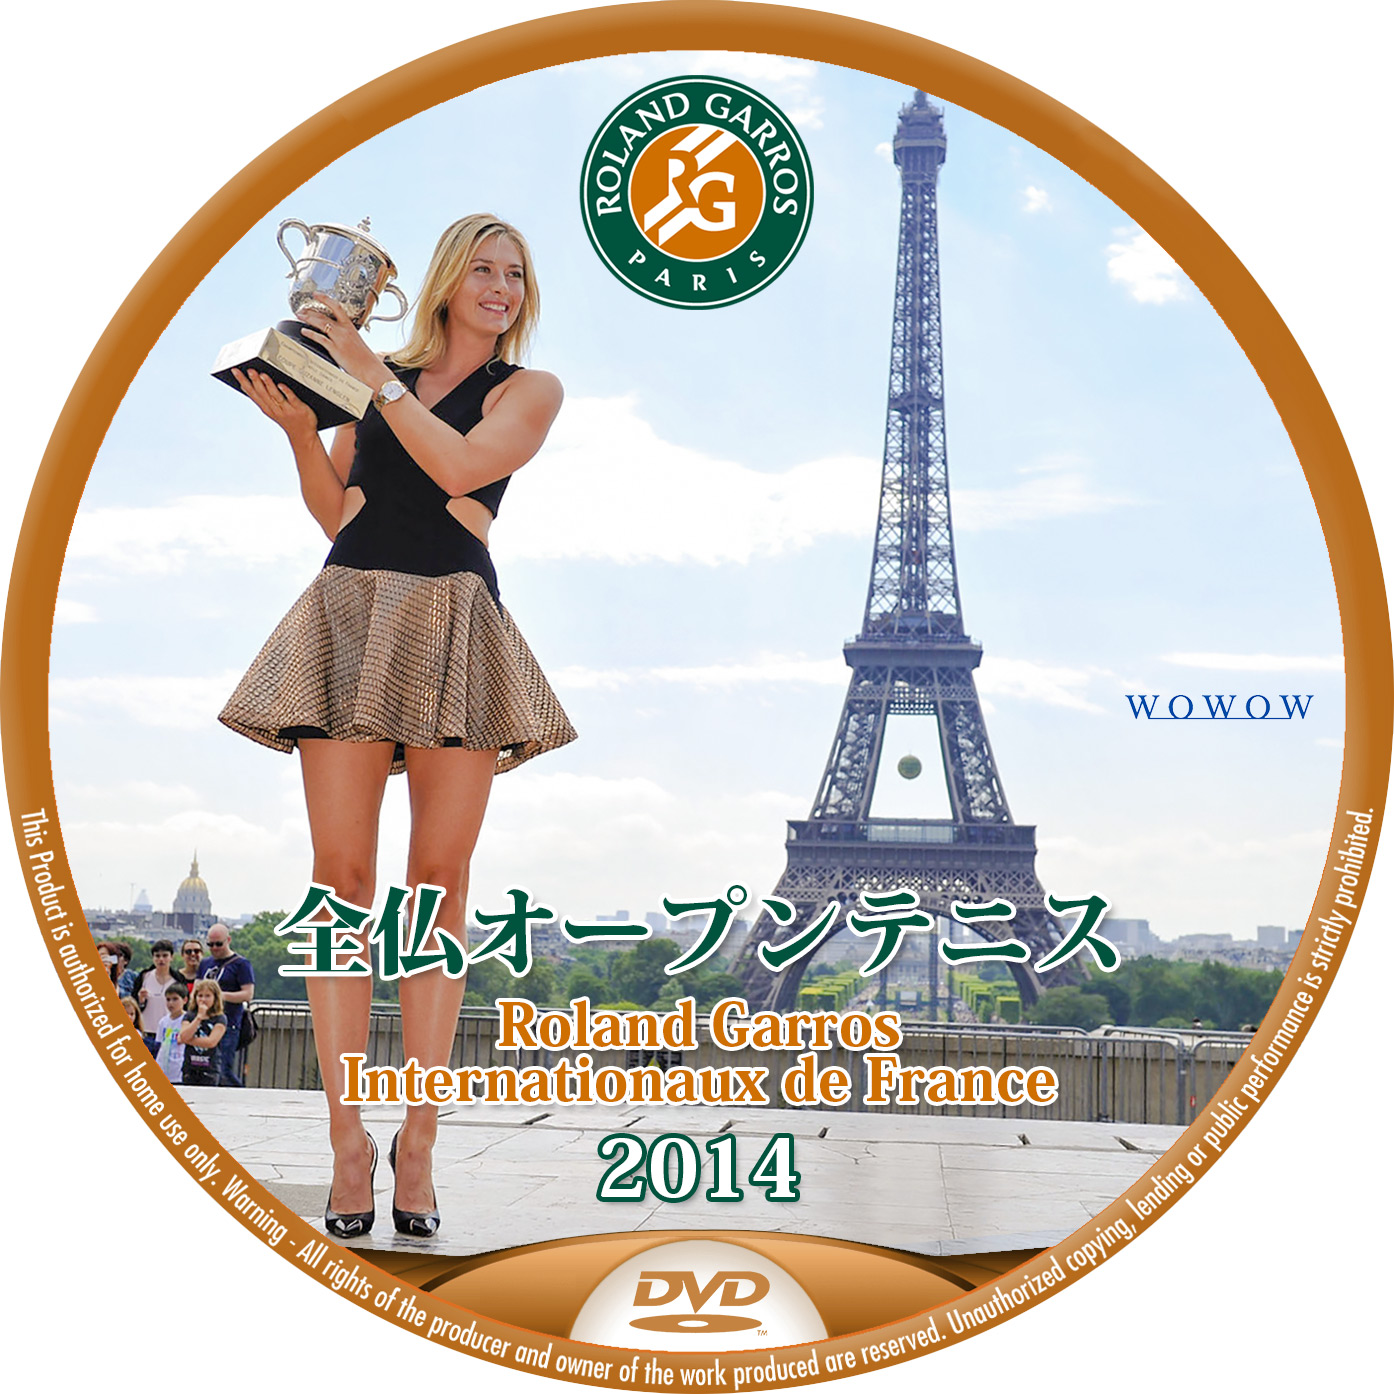 ローランギャロス2014 シャラポア DVDラベル